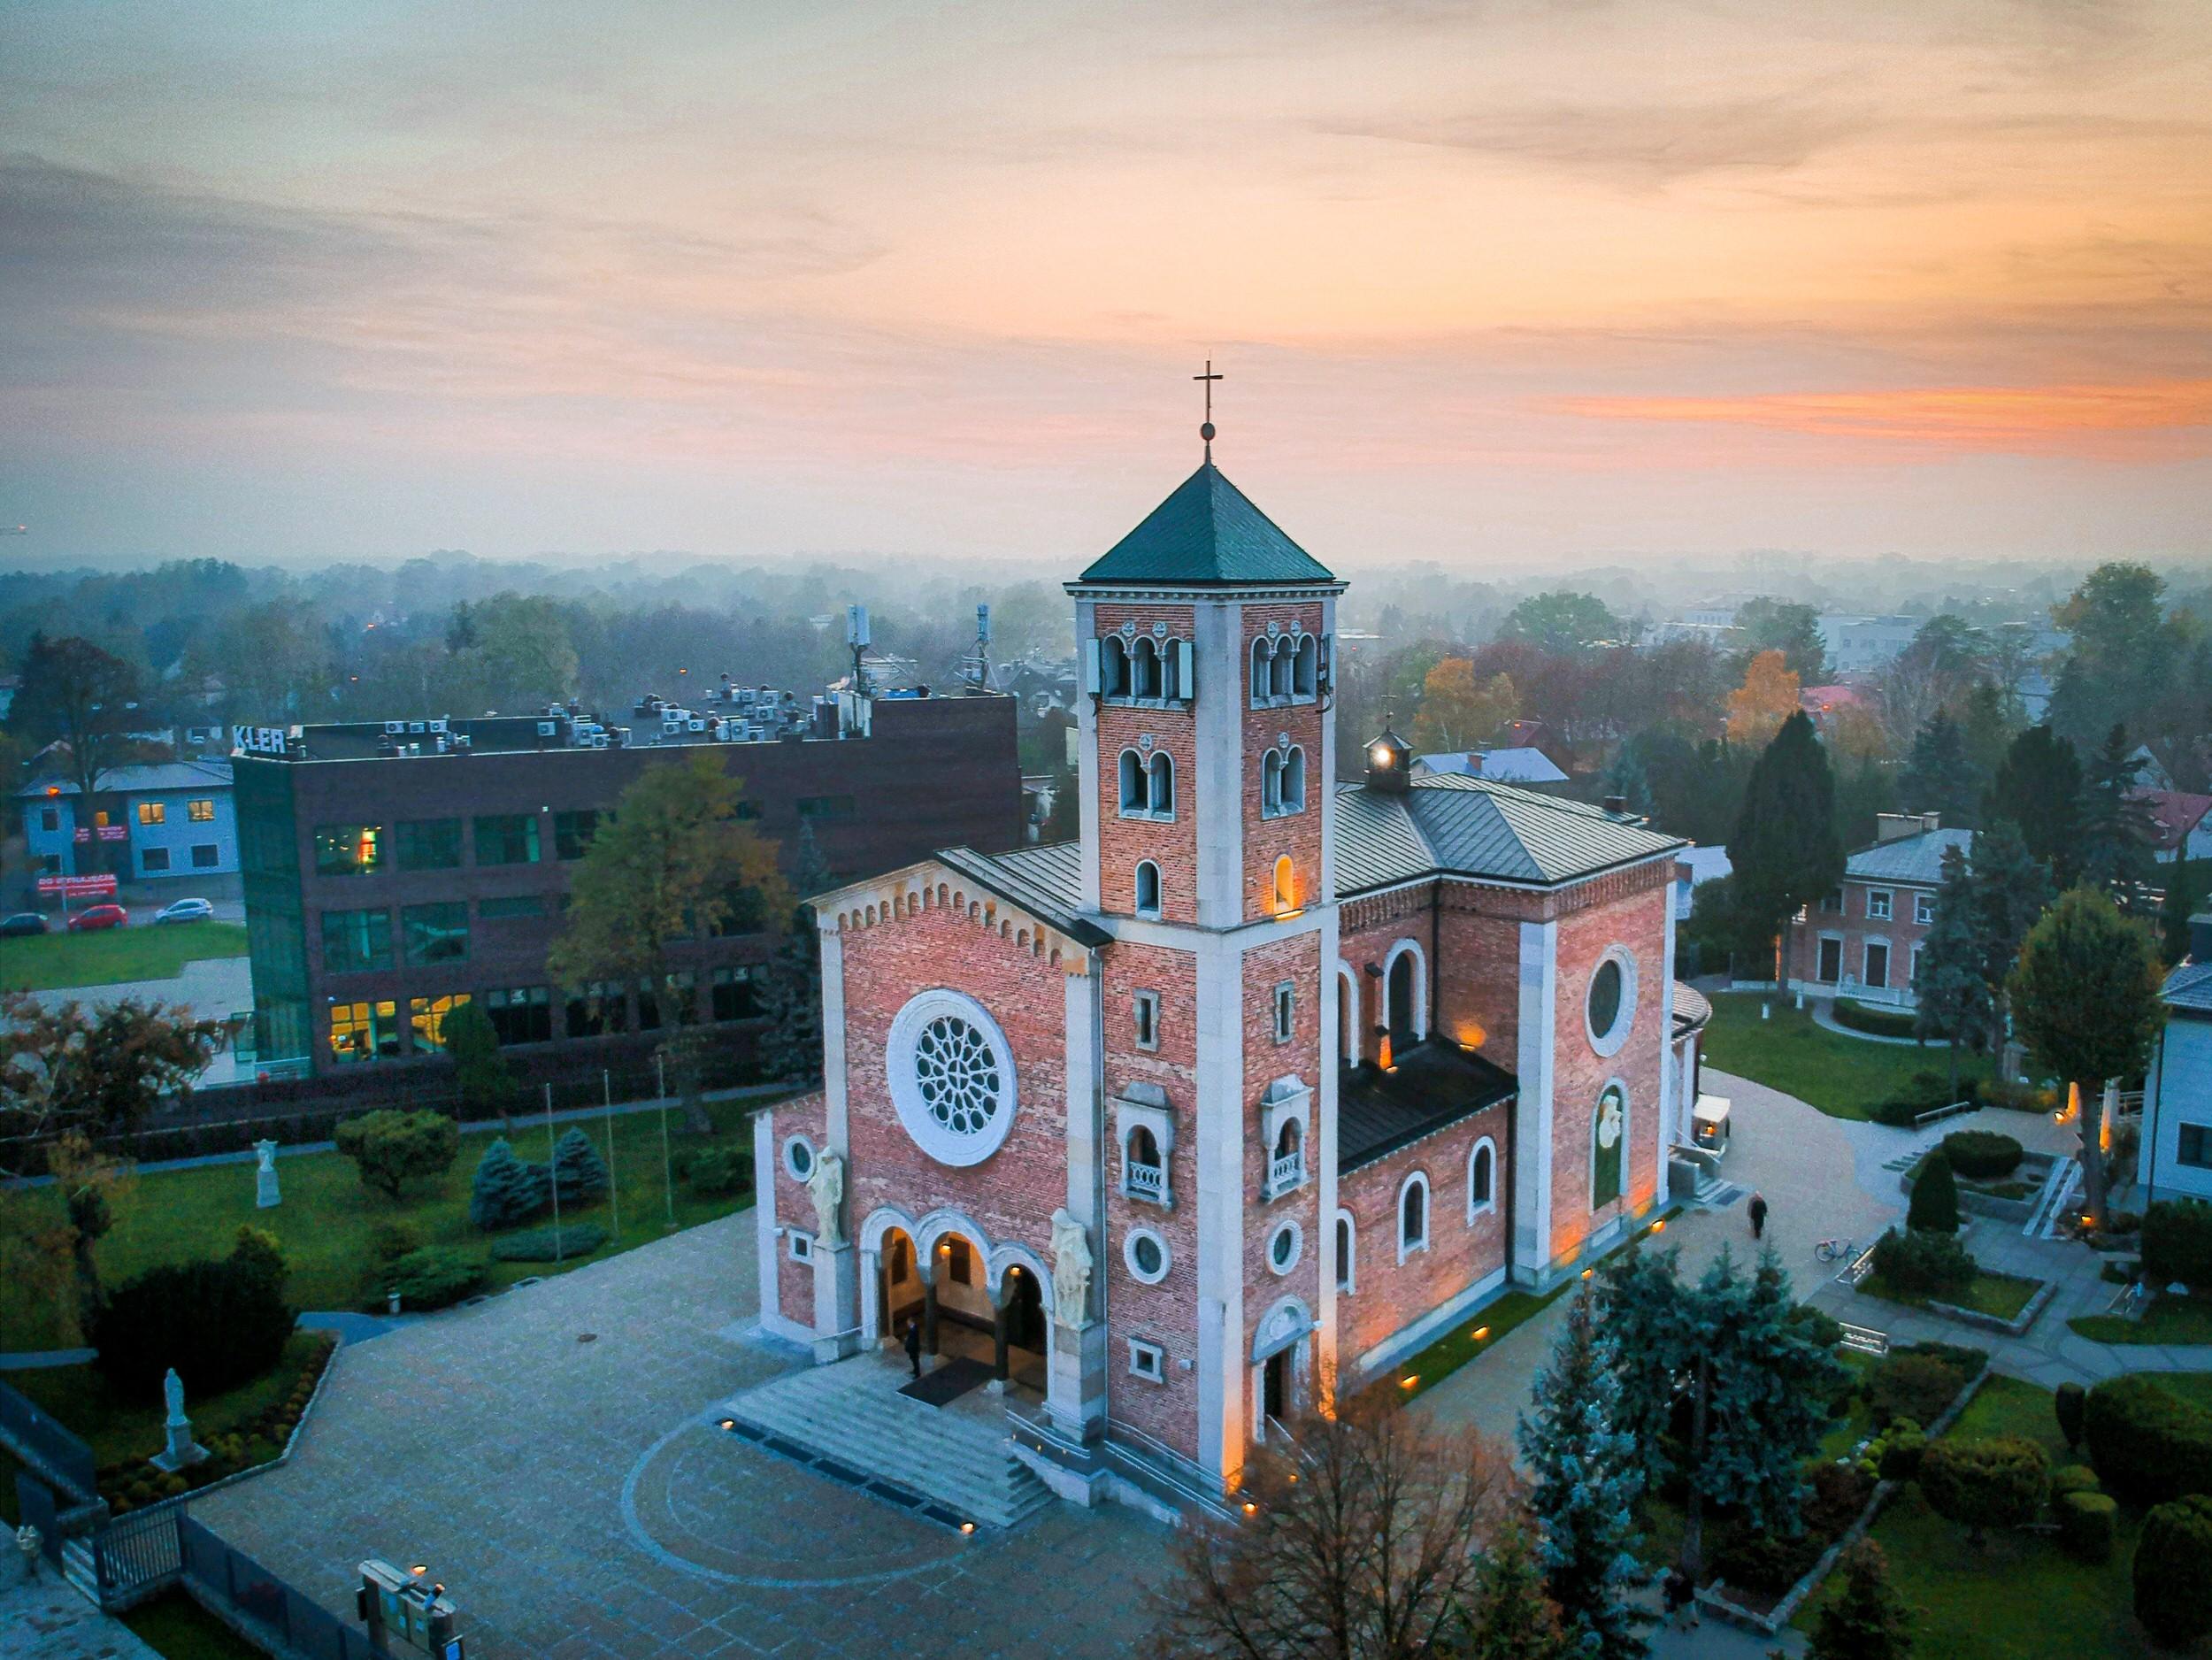 Parafia Rzymskokatolicka świętych Apostołów Piotra i Pawła w Warszawie